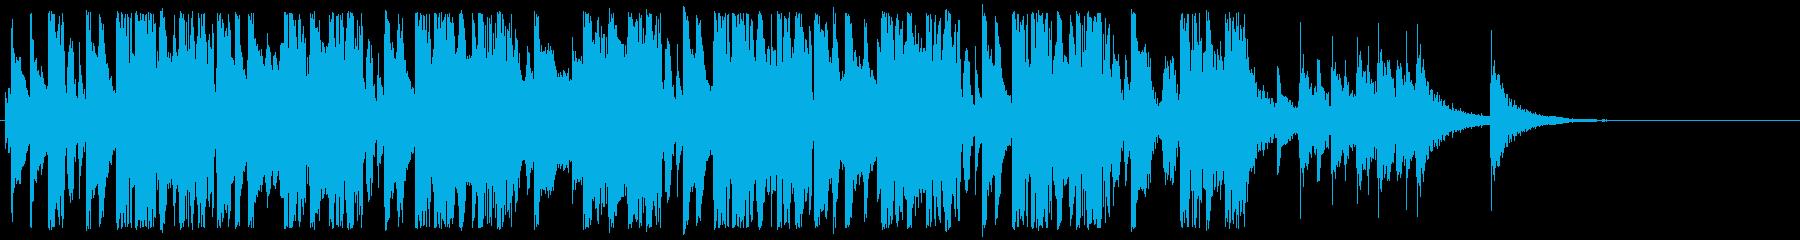 和風インスト2の再生済みの波形